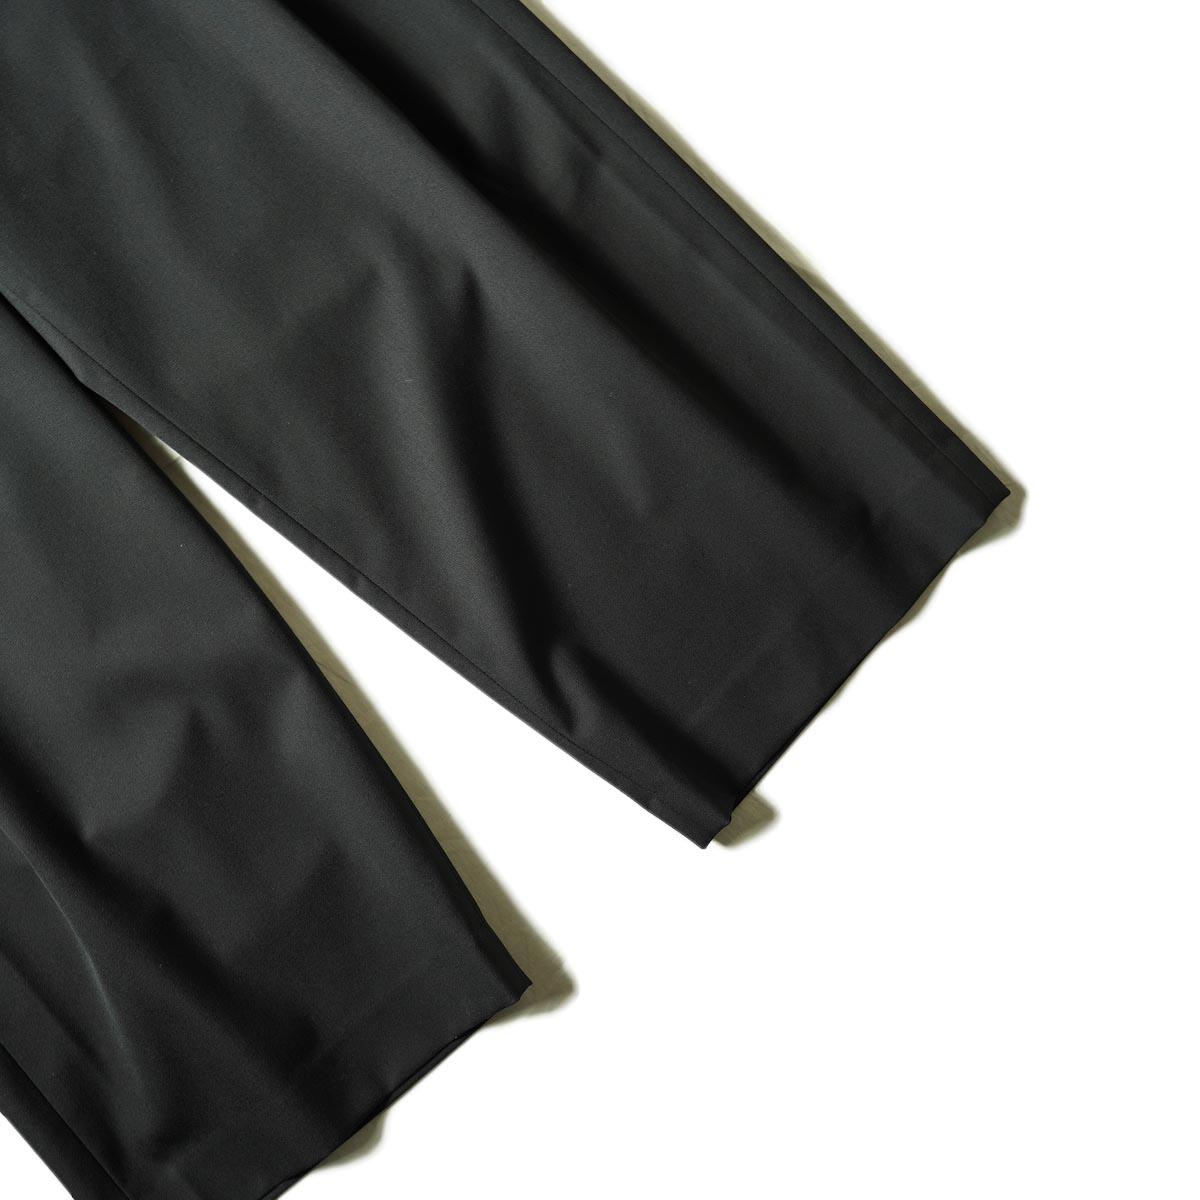 N.HOOLYWOOD / 2212-PT25-022 1TUCK SLACKS (Black)裾